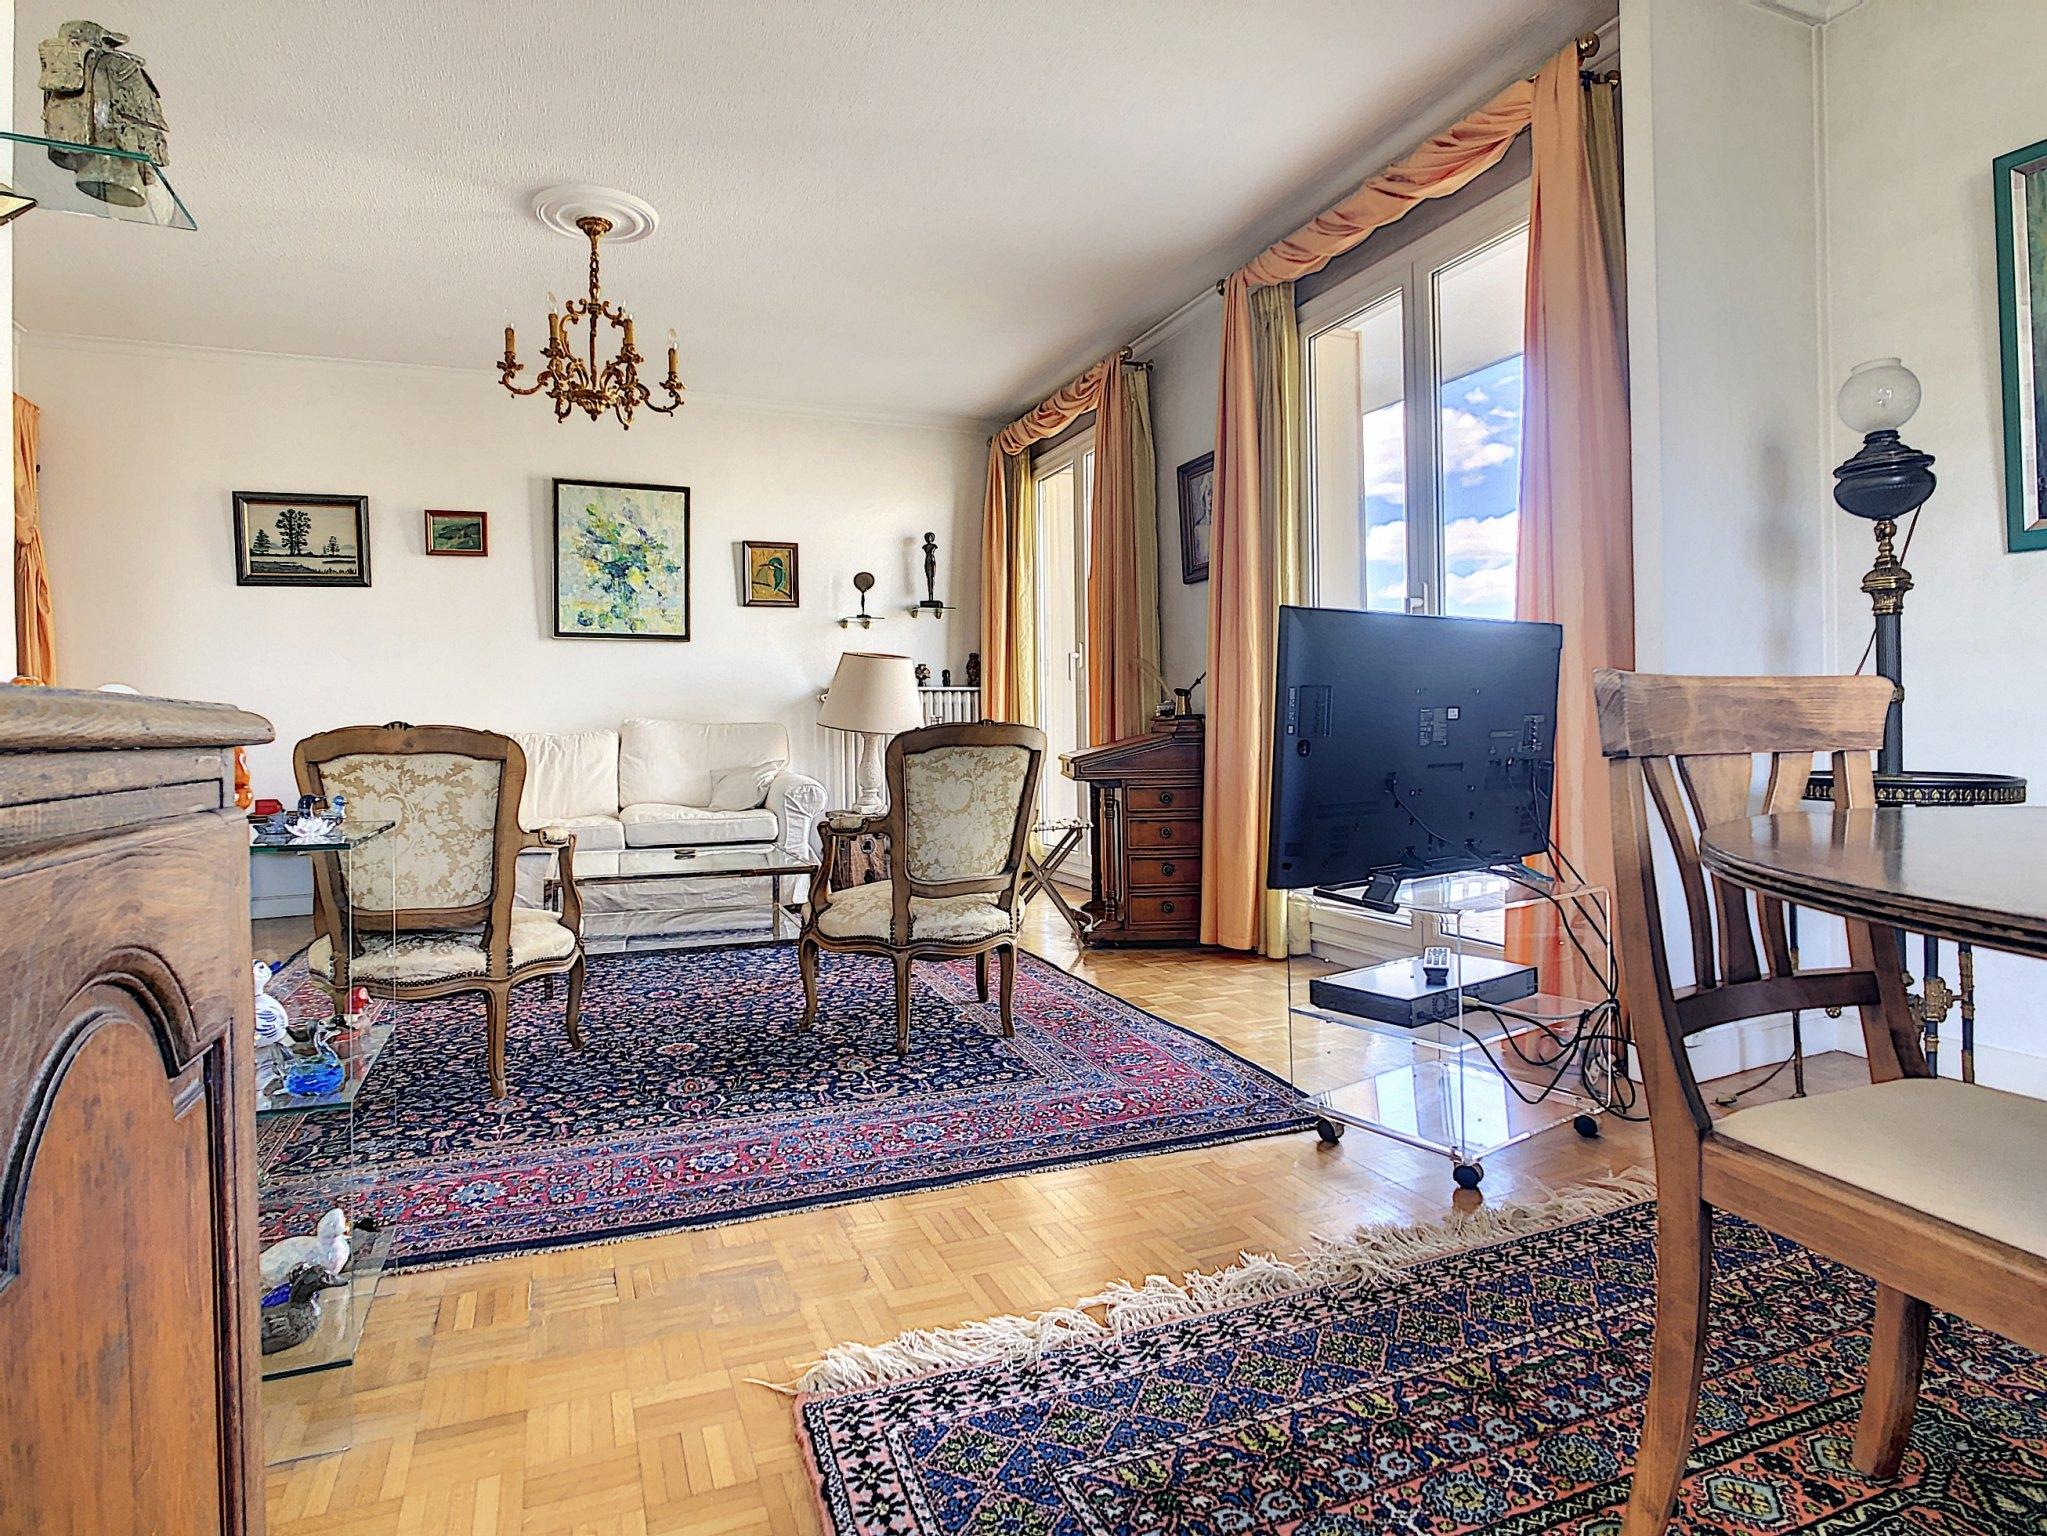 Appartement Reims 4 Pièces 91.56 m2 - 2